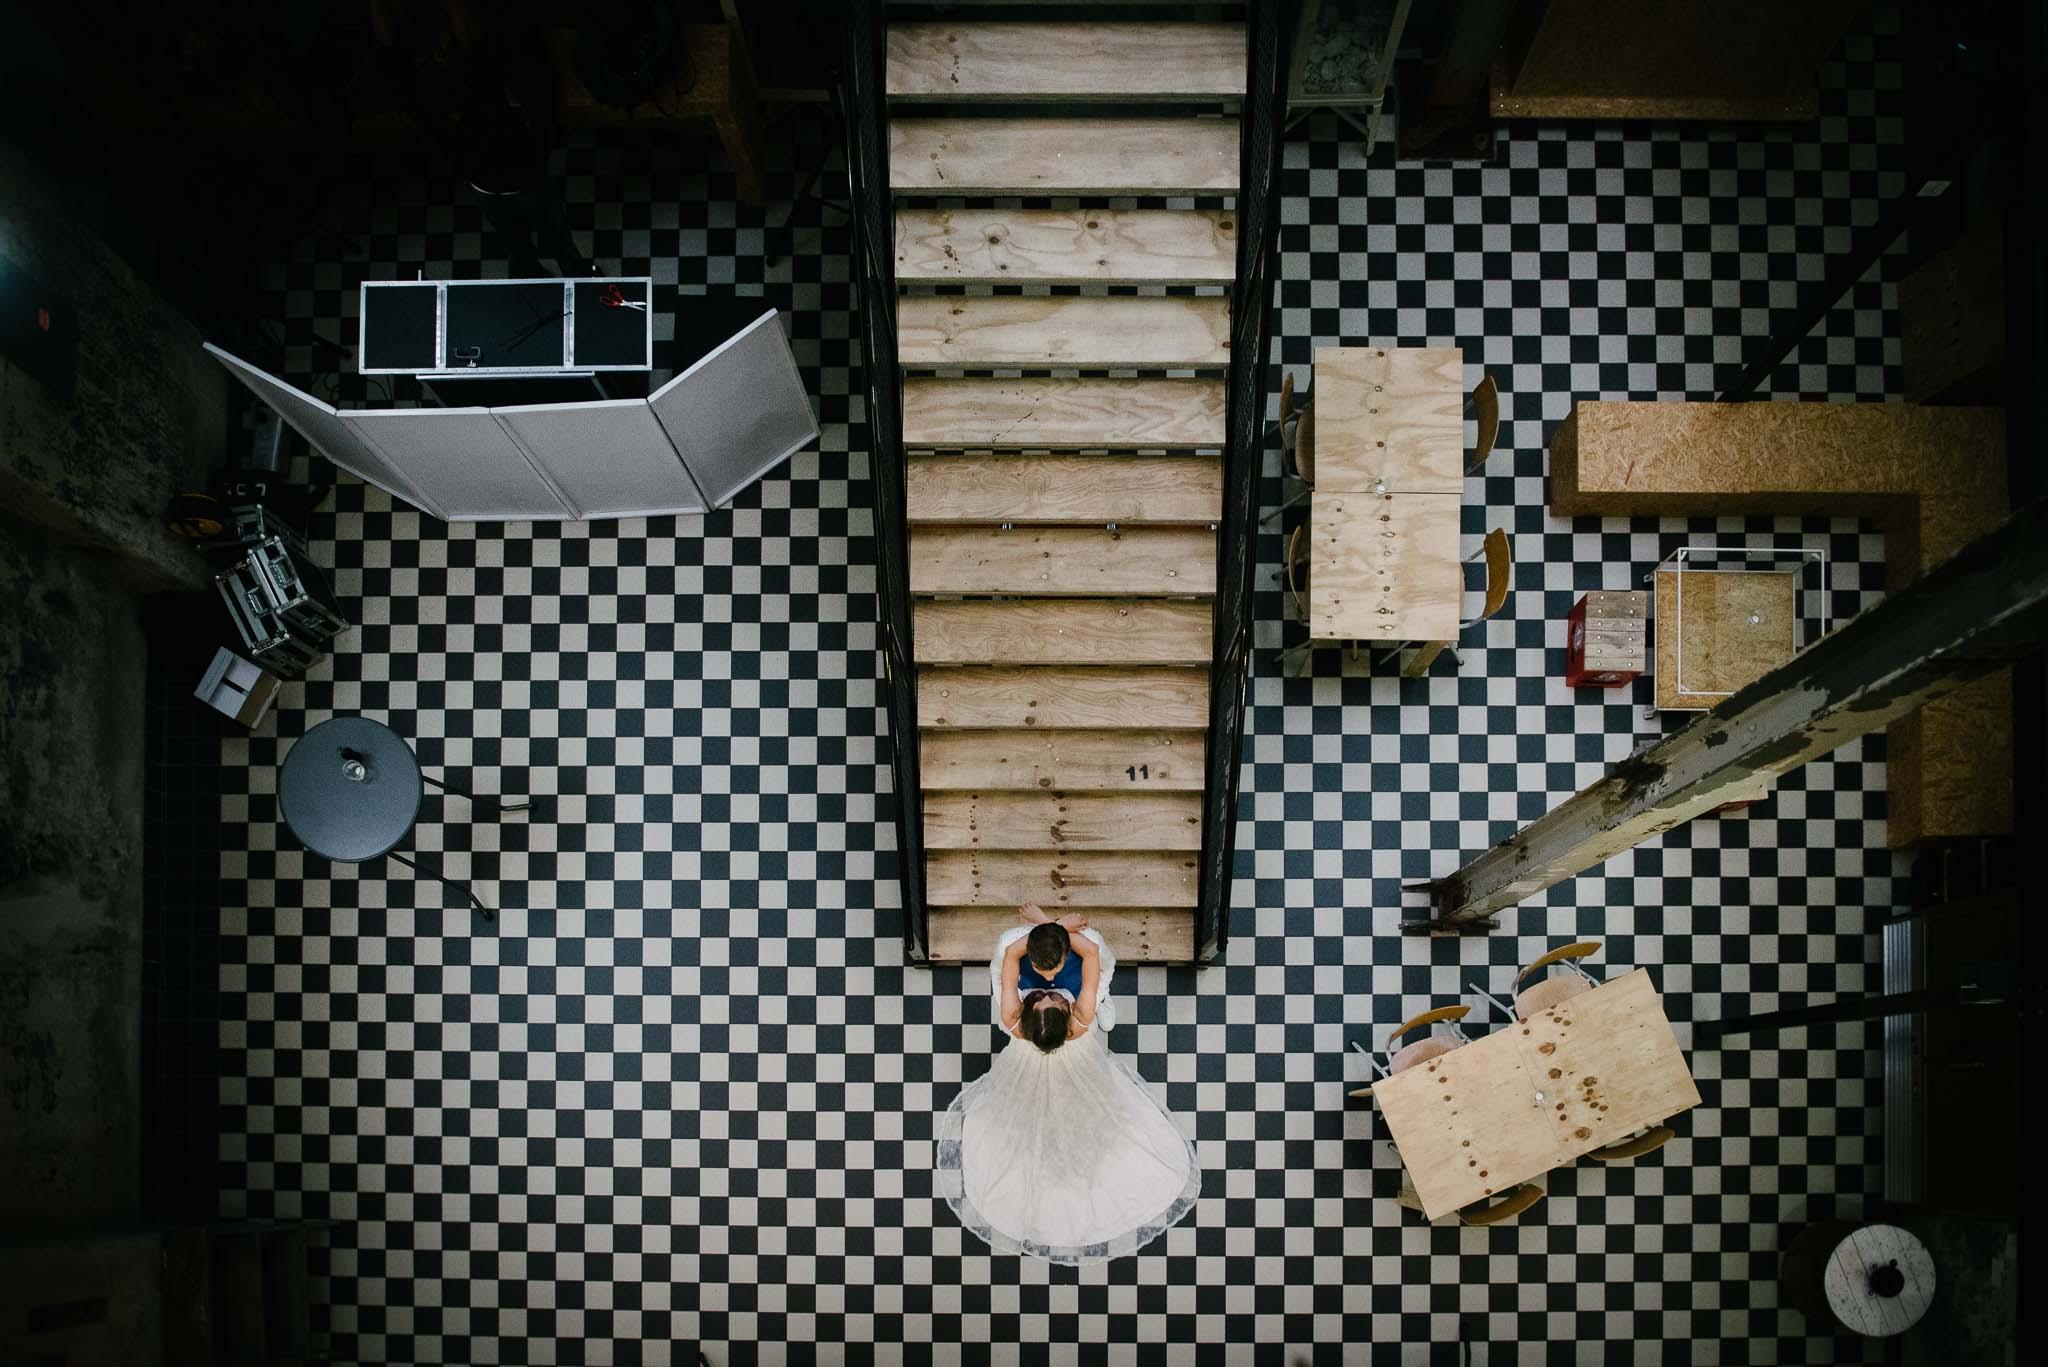 fotoshoot Eindhoven strijp-s industrieel